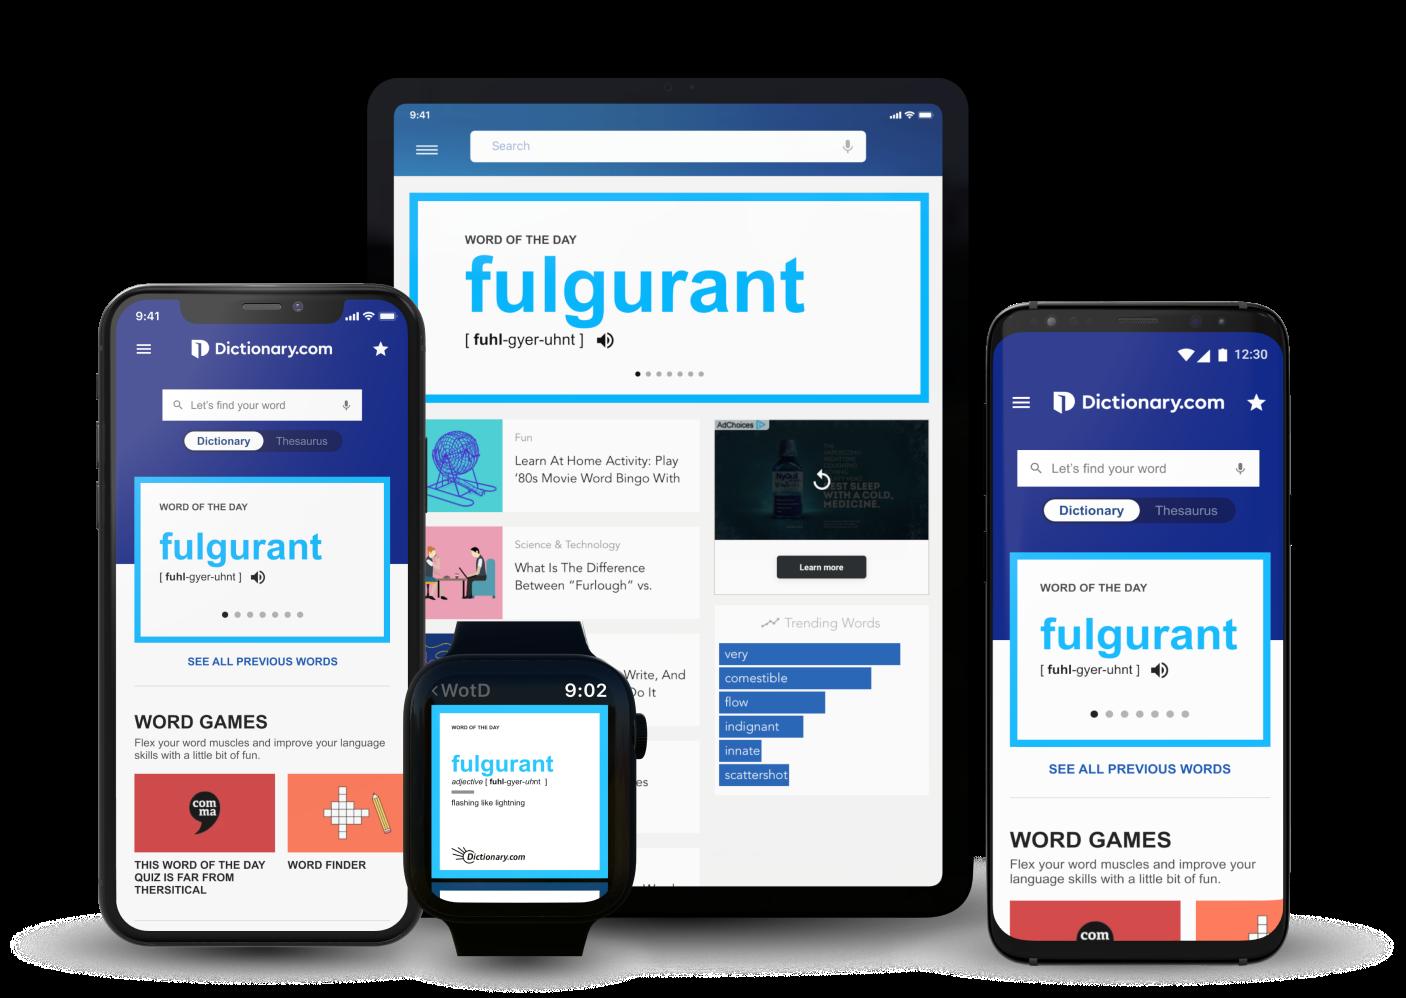 Dictionary.com app